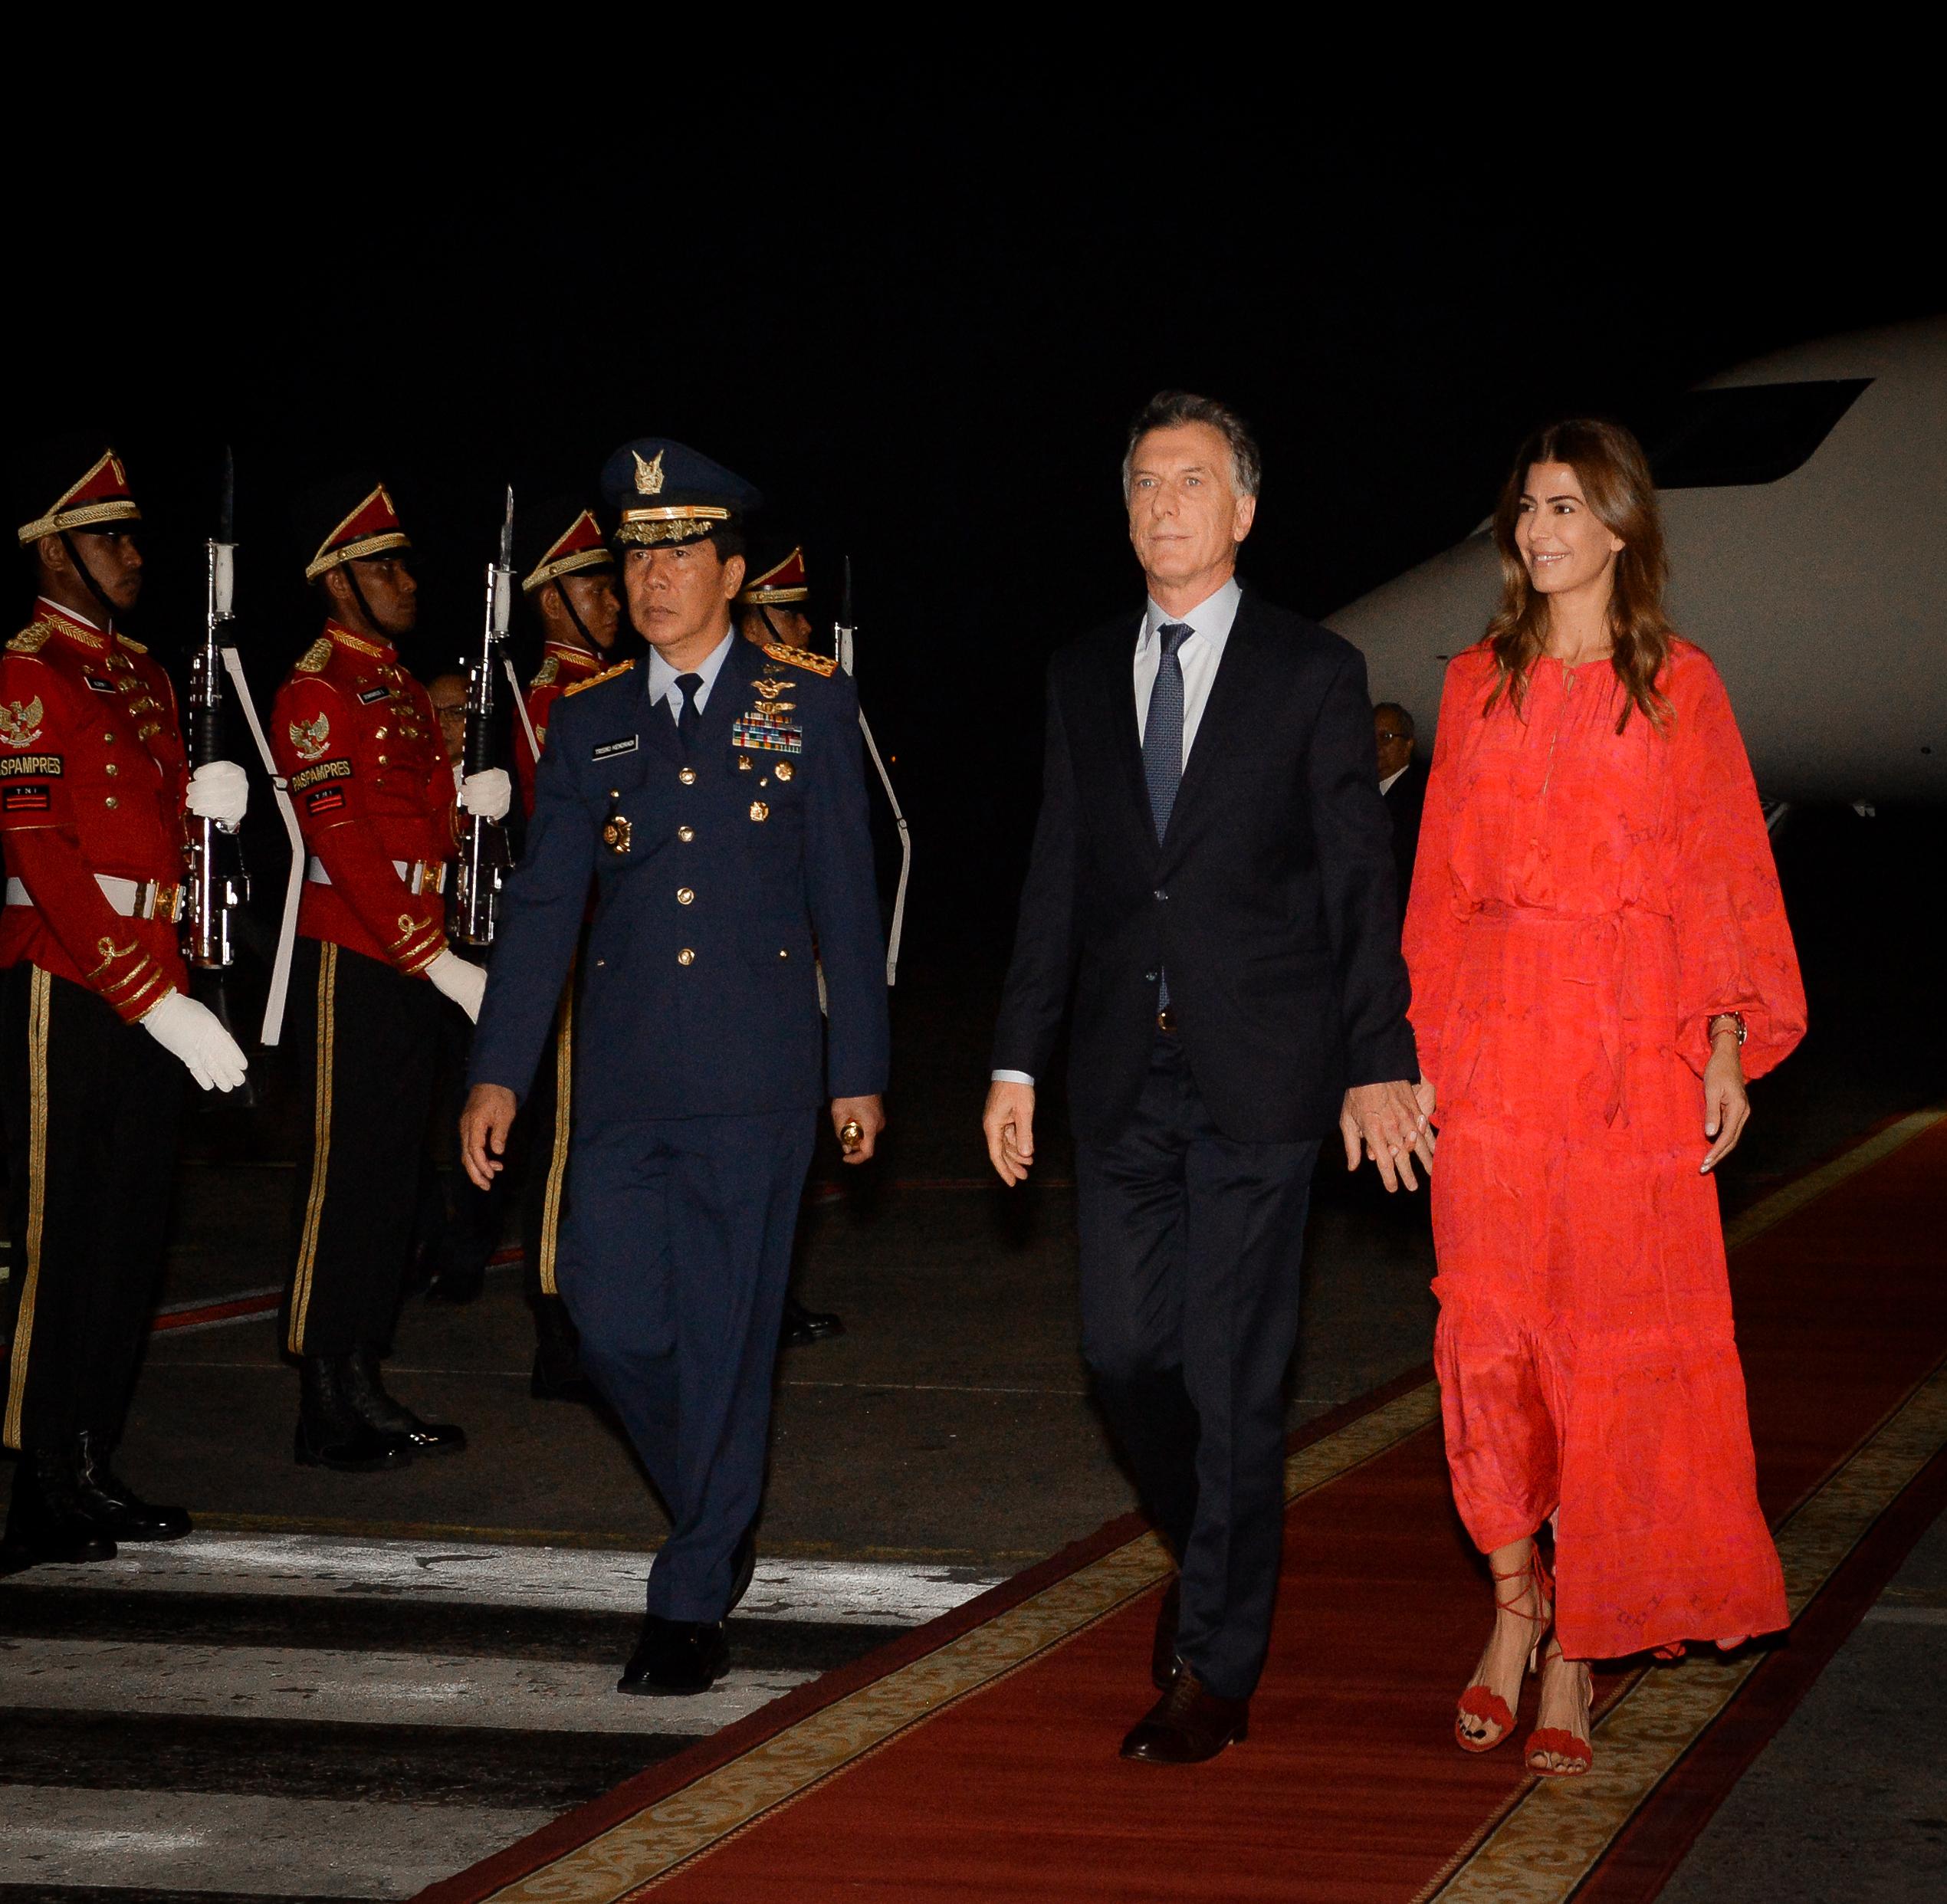 Al bajar del avión en Indonesia, Juliana eligió un maxivestido rojo y volvió a brillar con su elección (Fotos: Presidencia)